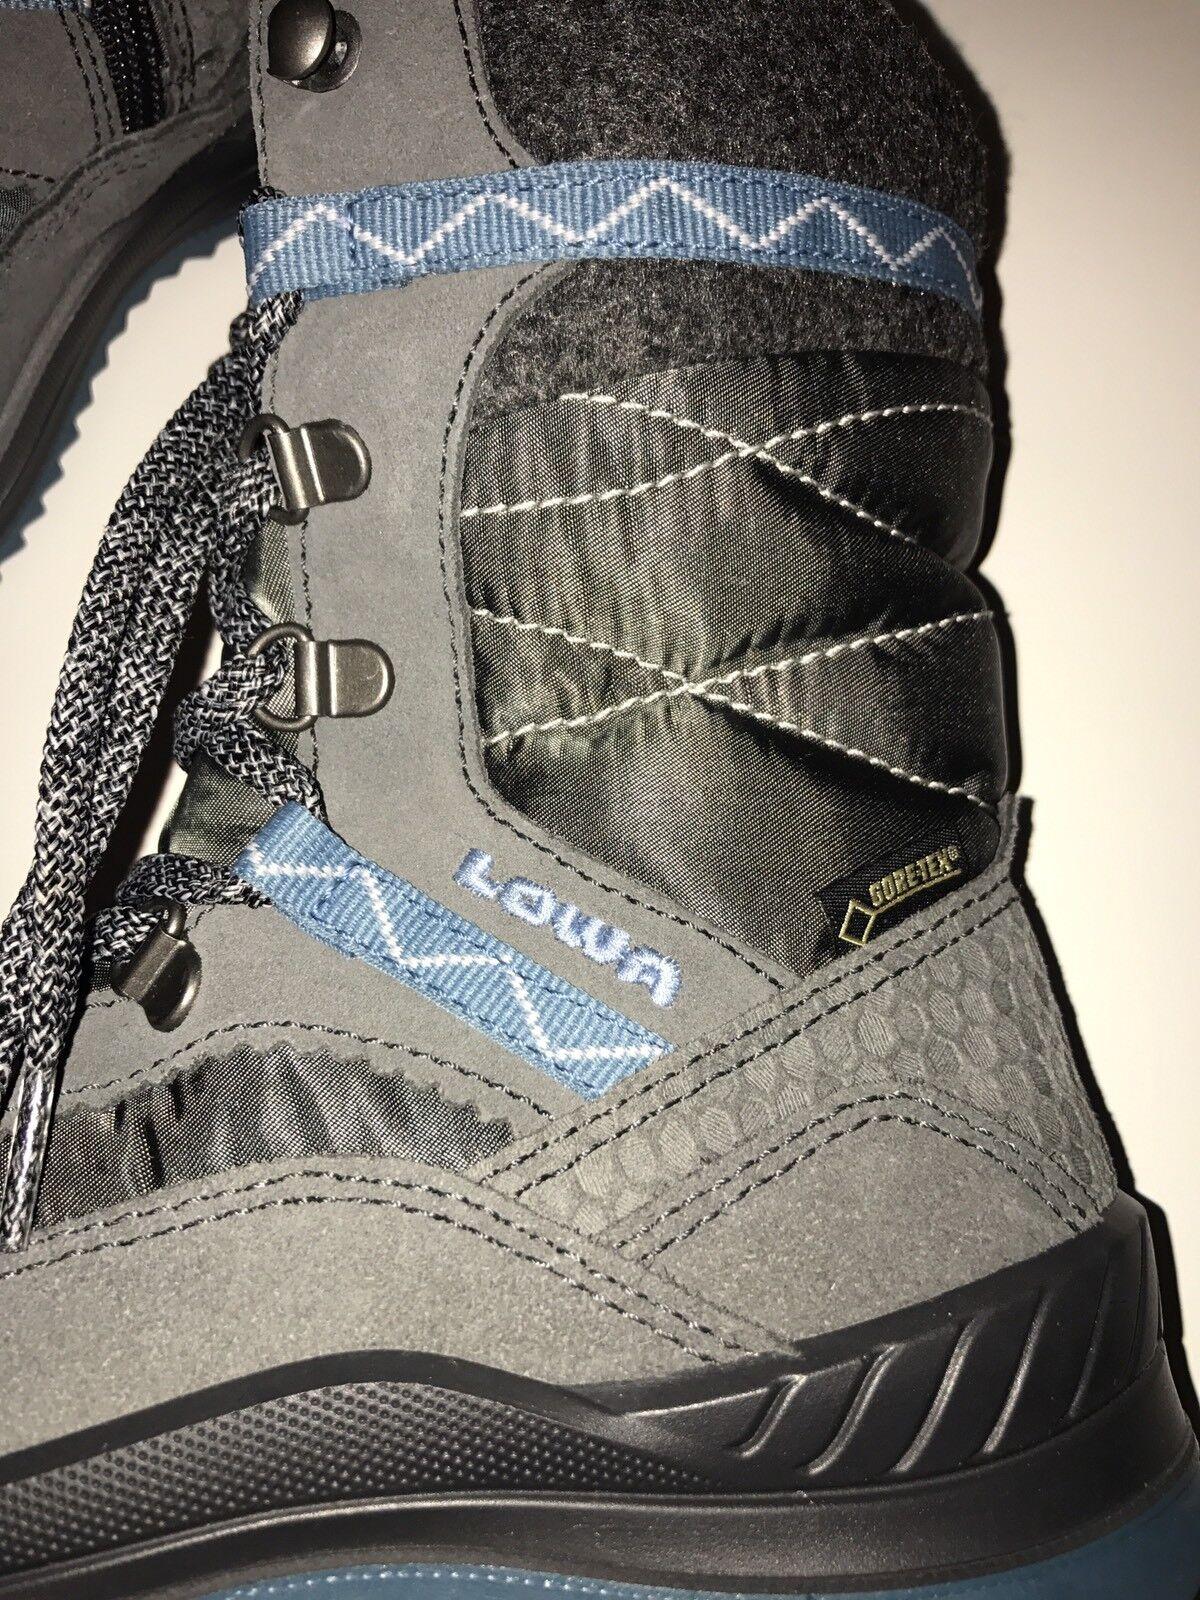 Nuevo lowa emely GTX Hi botas de invierno nieve noté  botas talla 30 PVP  110    excelentes precios